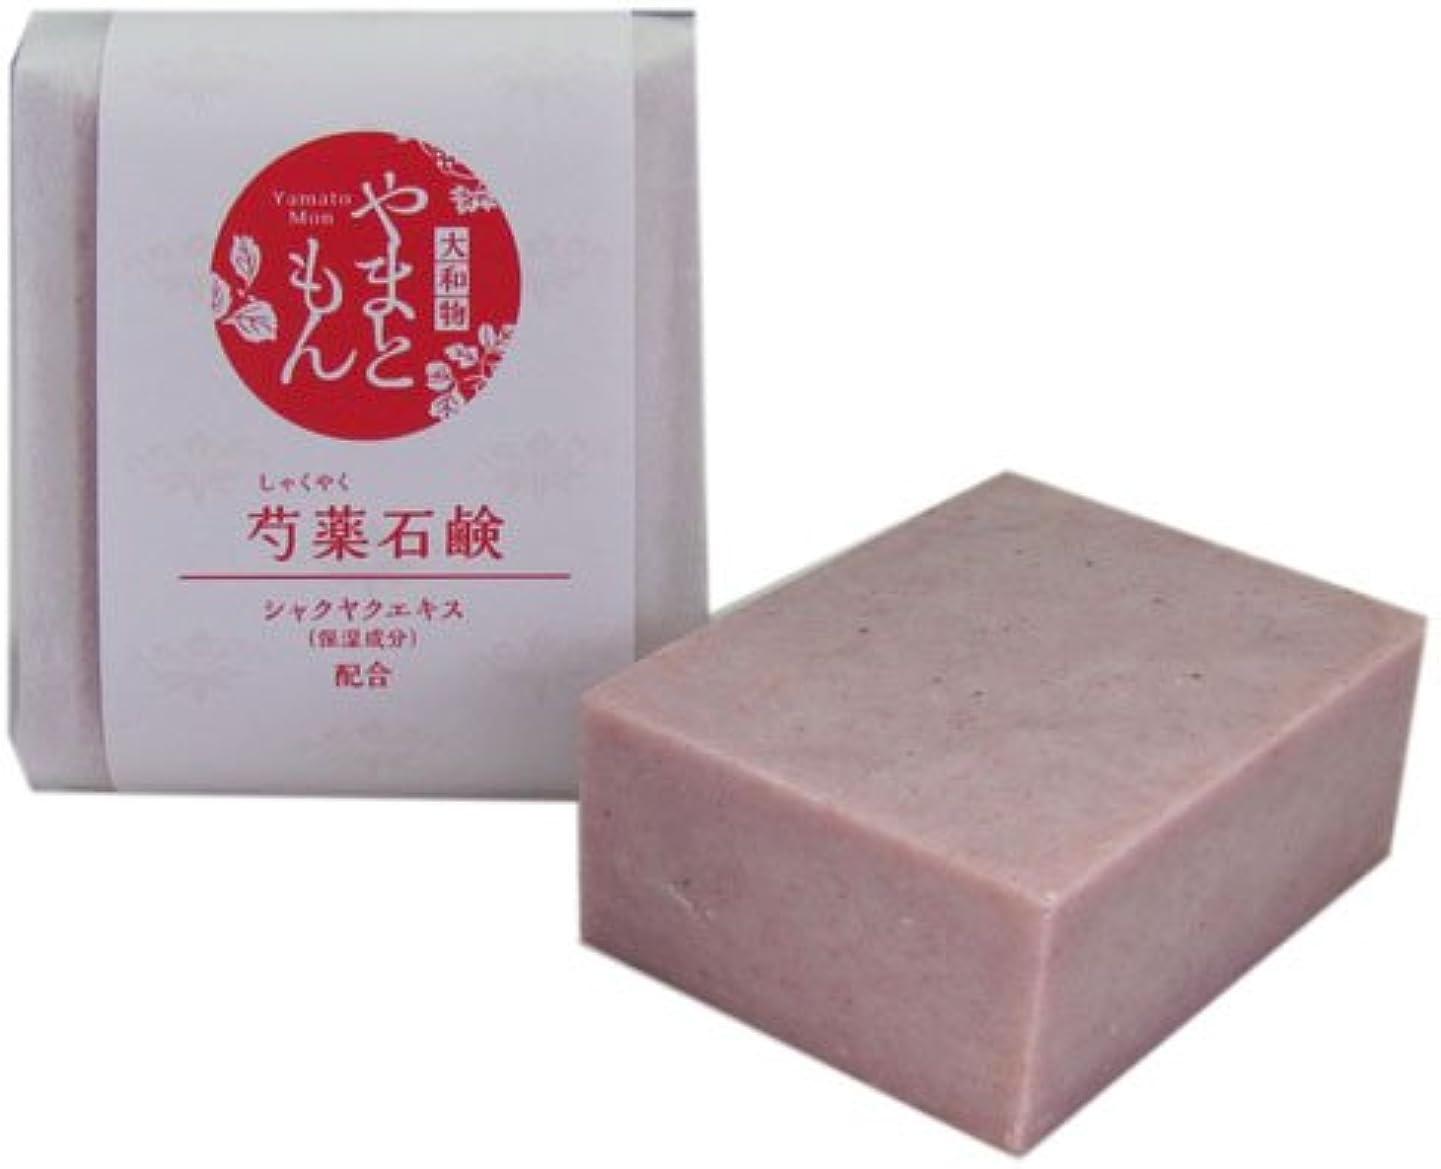 セッション考えるバランス奈良産和漢生薬エキス使用やまともん化粧品 芍薬石鹸(しゃくやくせっけん)